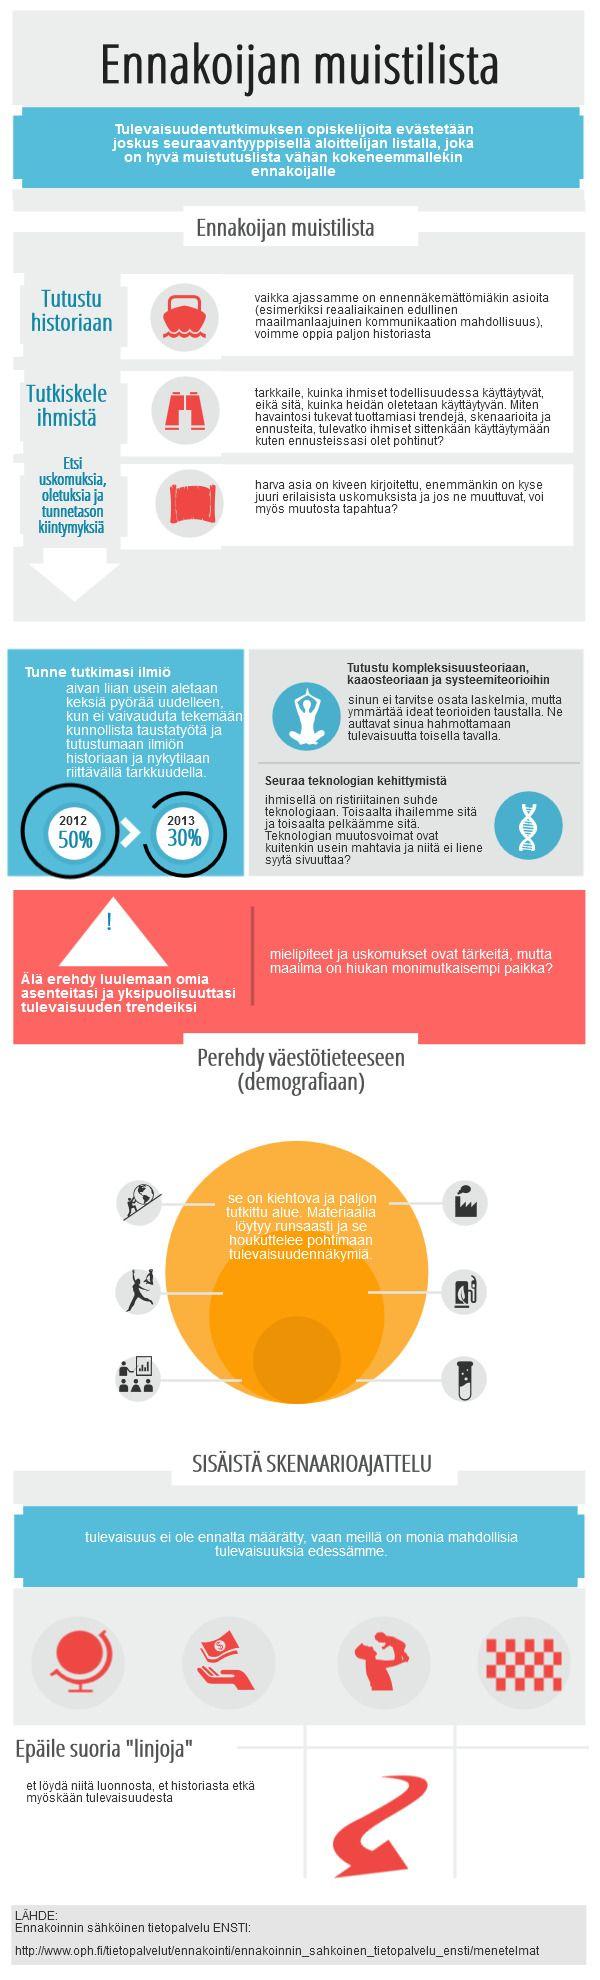 Ennakoijan muistilista | Piktochart Infographic Editor